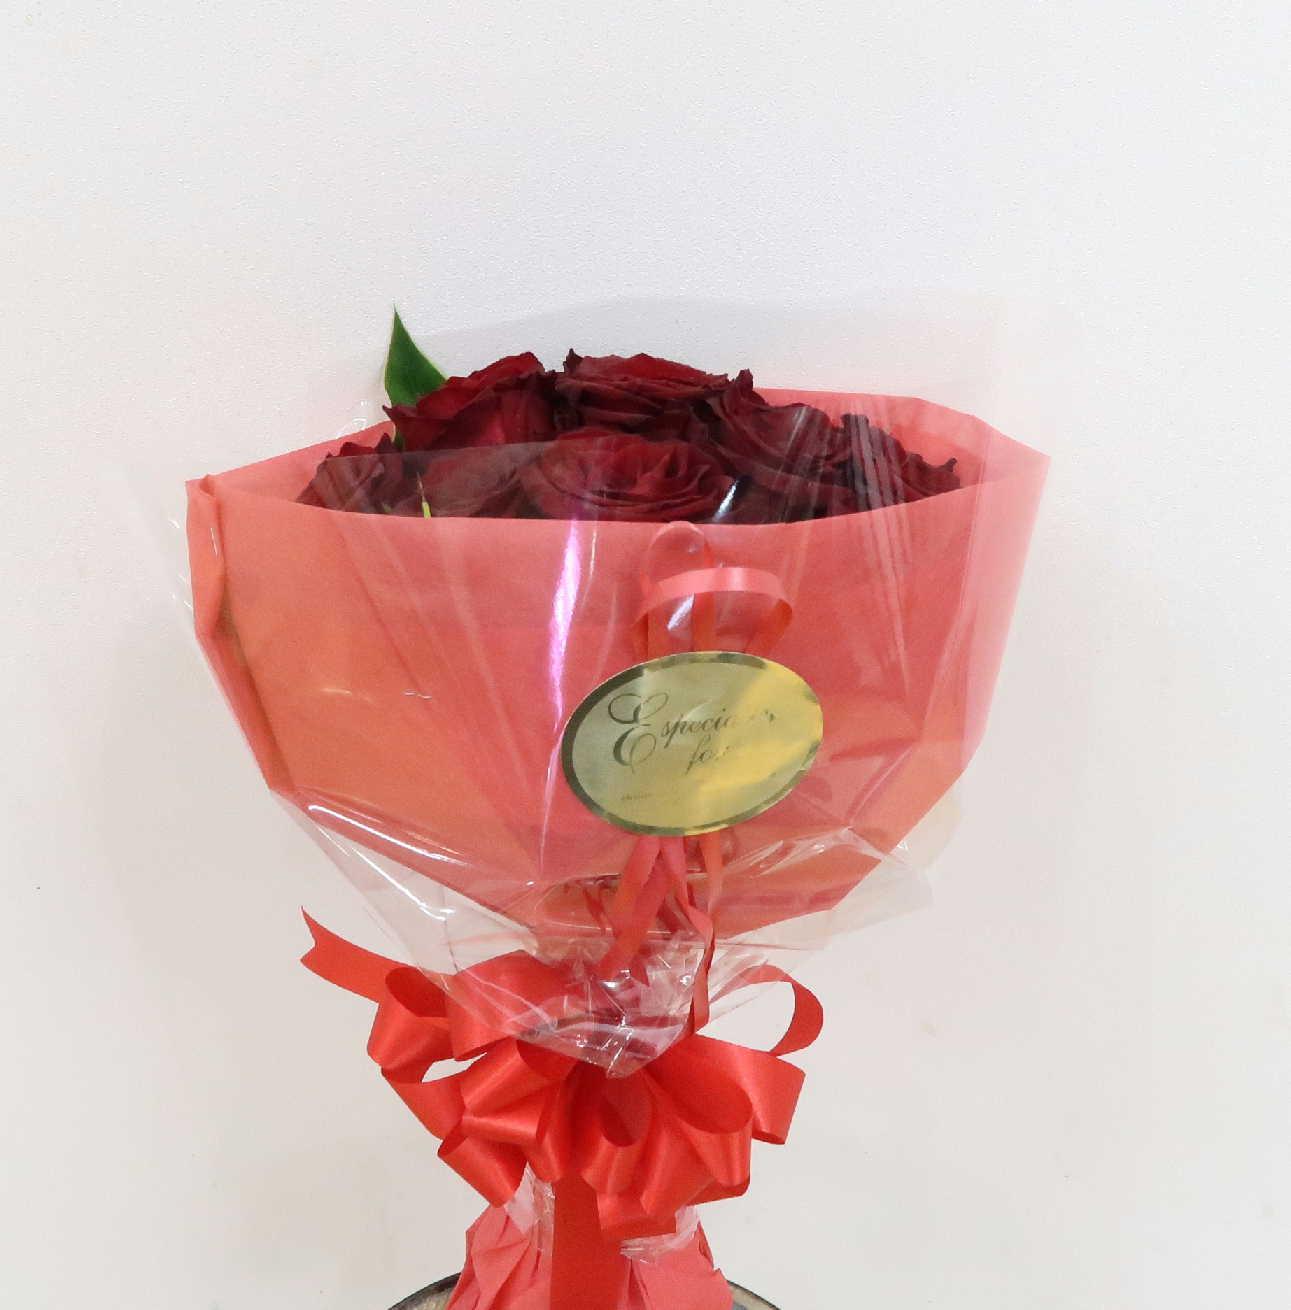 【ルーブル】 情熱12本赤バラのブーケ画像